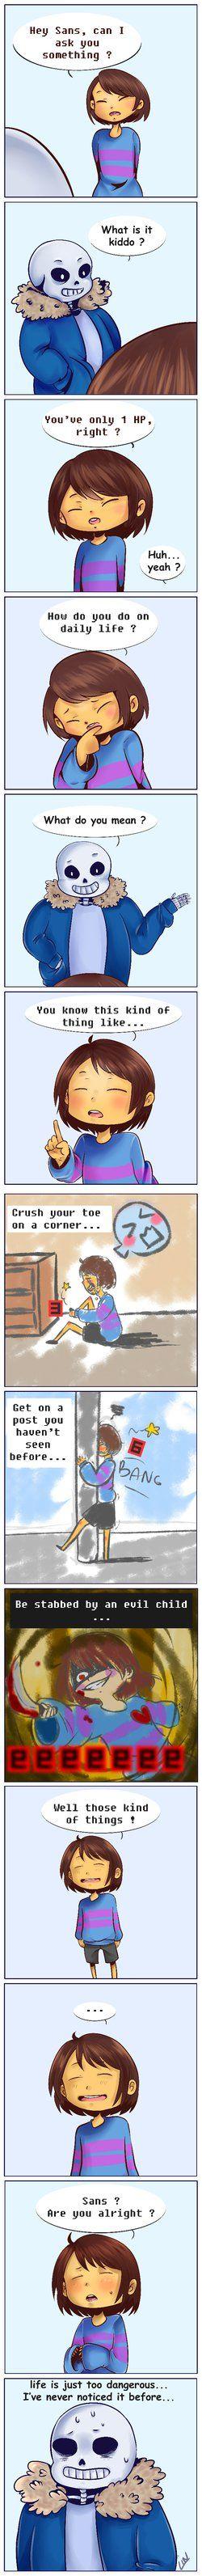 Undertale comic - Life is so dangerous by le-duo-sans-nom.deviantart.com on @DeviantArt